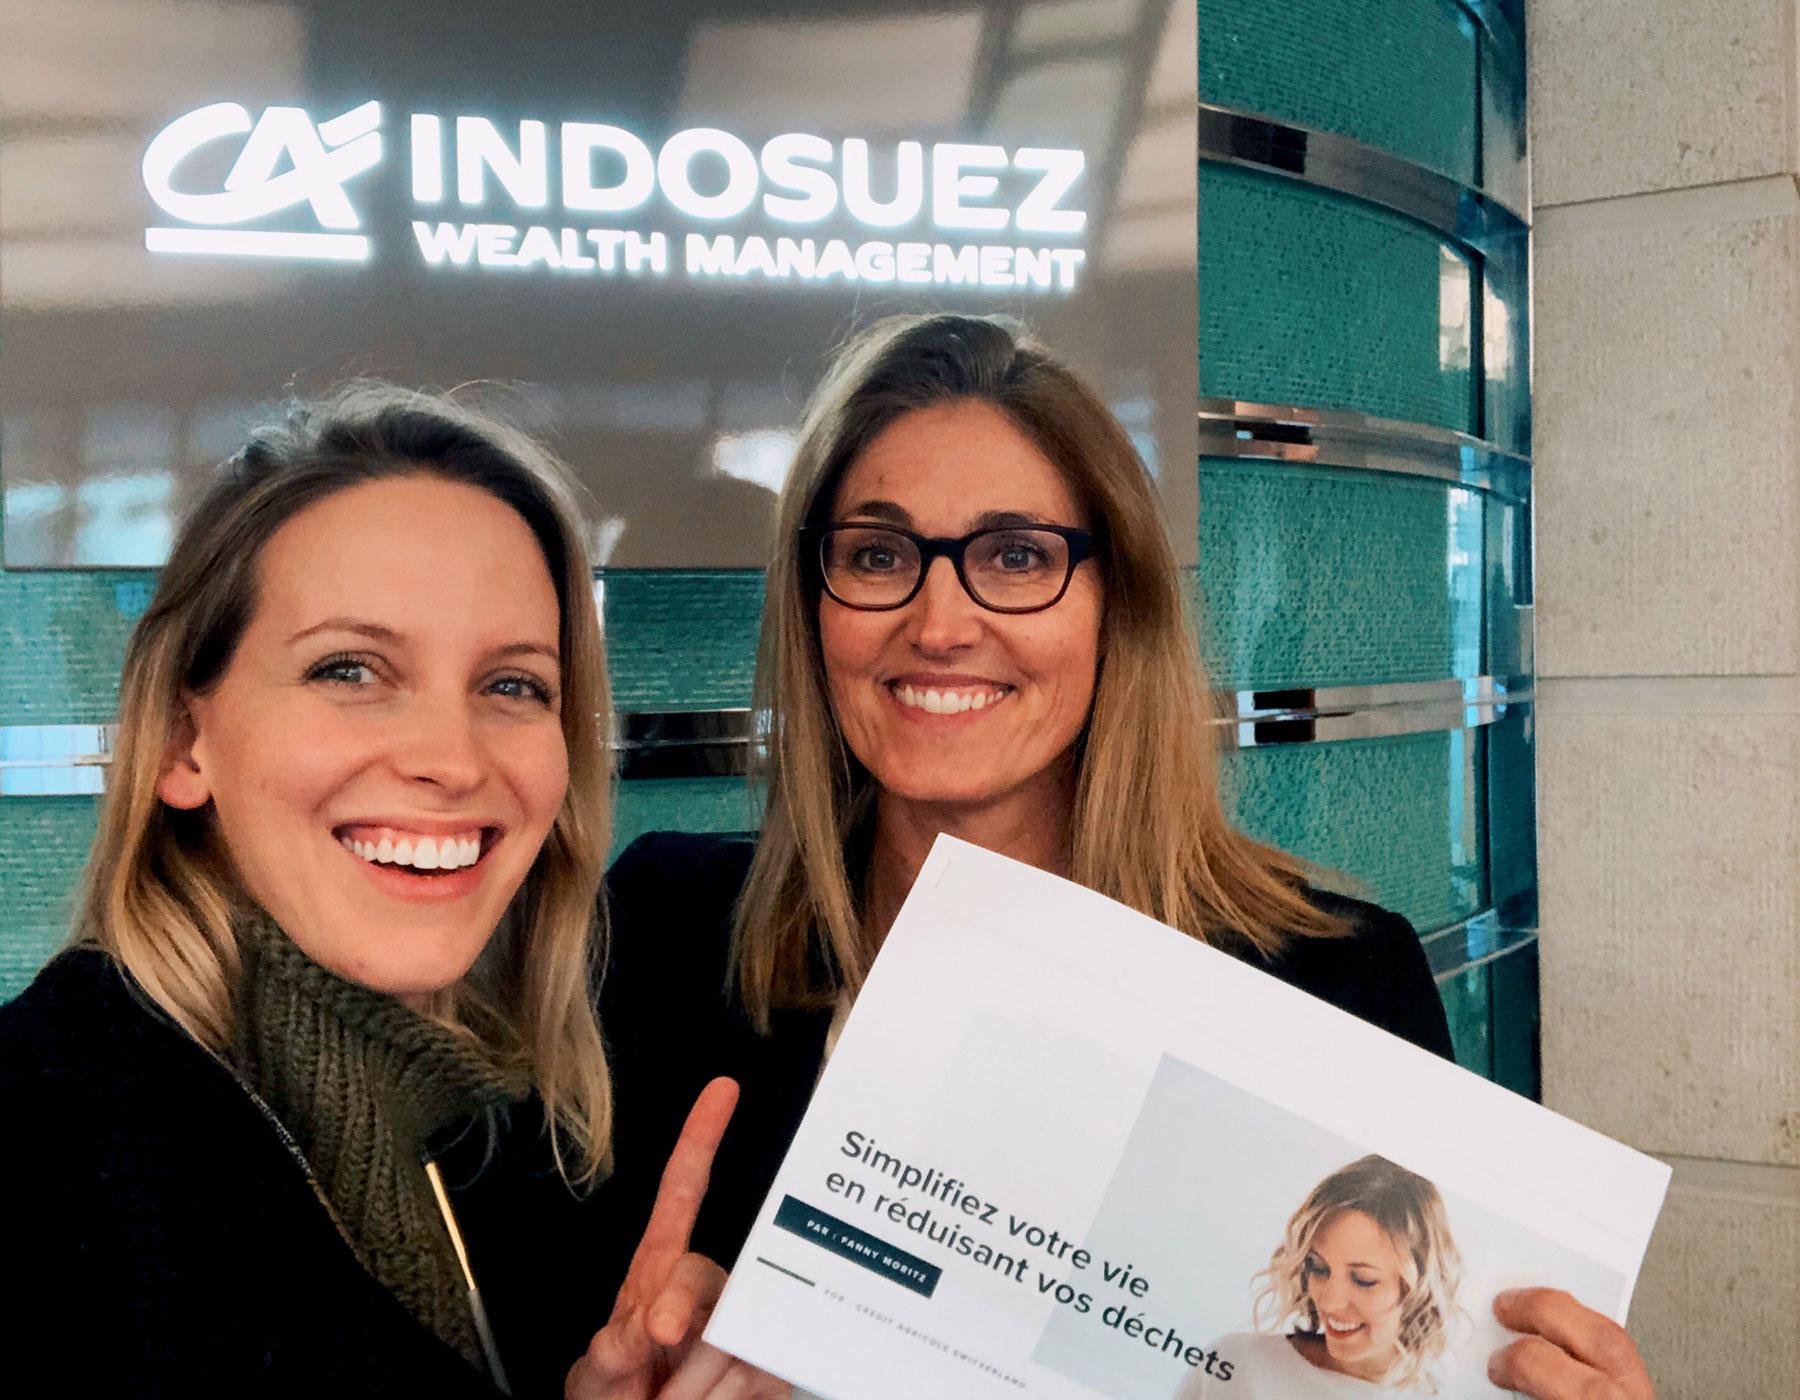 Conférence Zéro Déchet pour Indosuez - Suisse - Janvier 2020